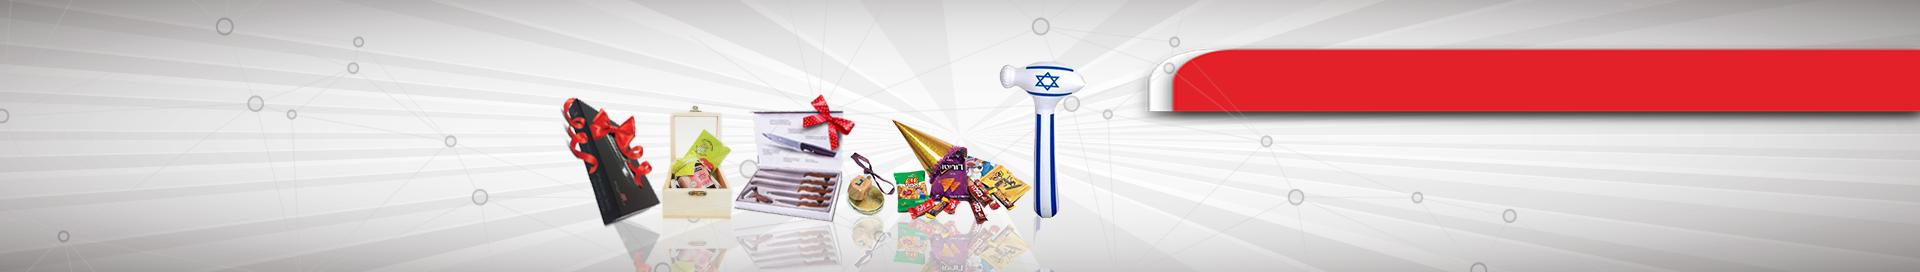 מתנות לחגים,אירועים וילדים